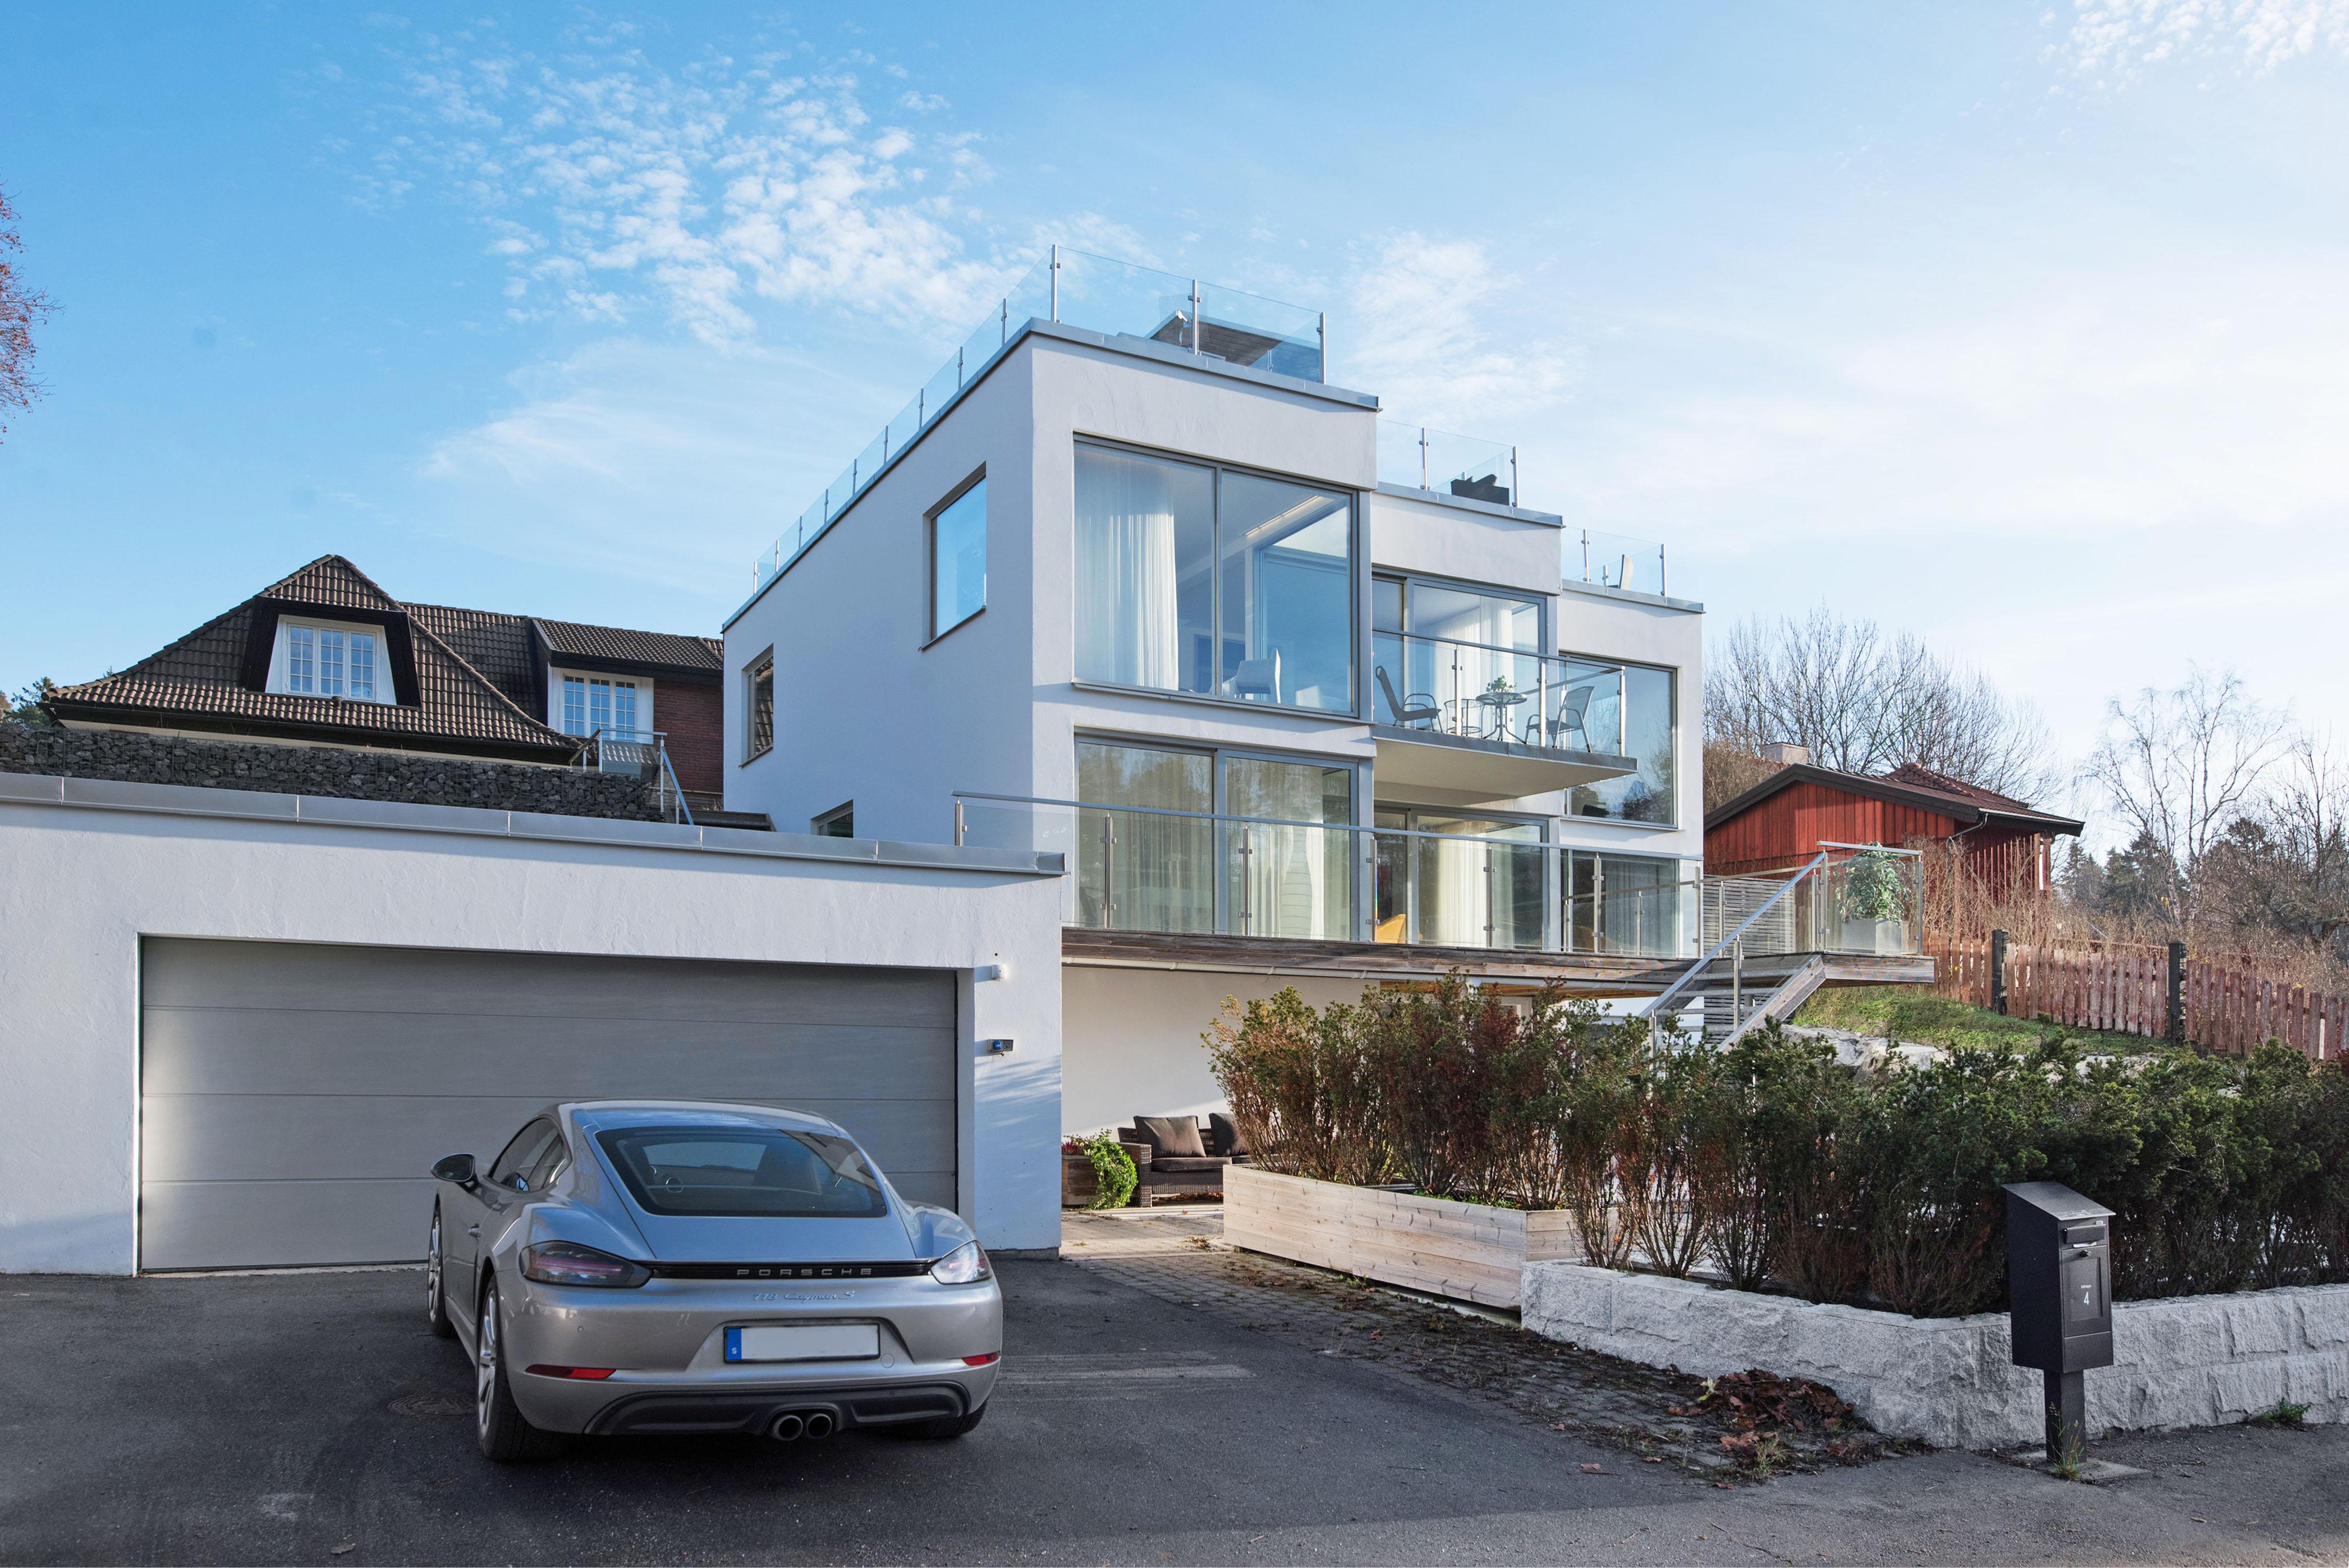 När du letar fastighetsmäklare i Stockholm kontakta Skeppsholmen Sotheby's International Realty. De har allt från paradvåningar och slott till små häftiga lägenheter i rätt områden. Perfekt när du ska köpa bostad i Stockholm.